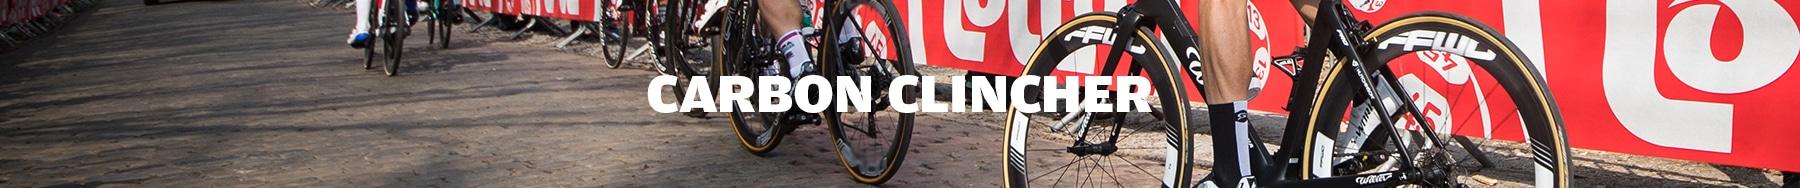 FFWD Wheels Carbon Clincher Cycling Wheels